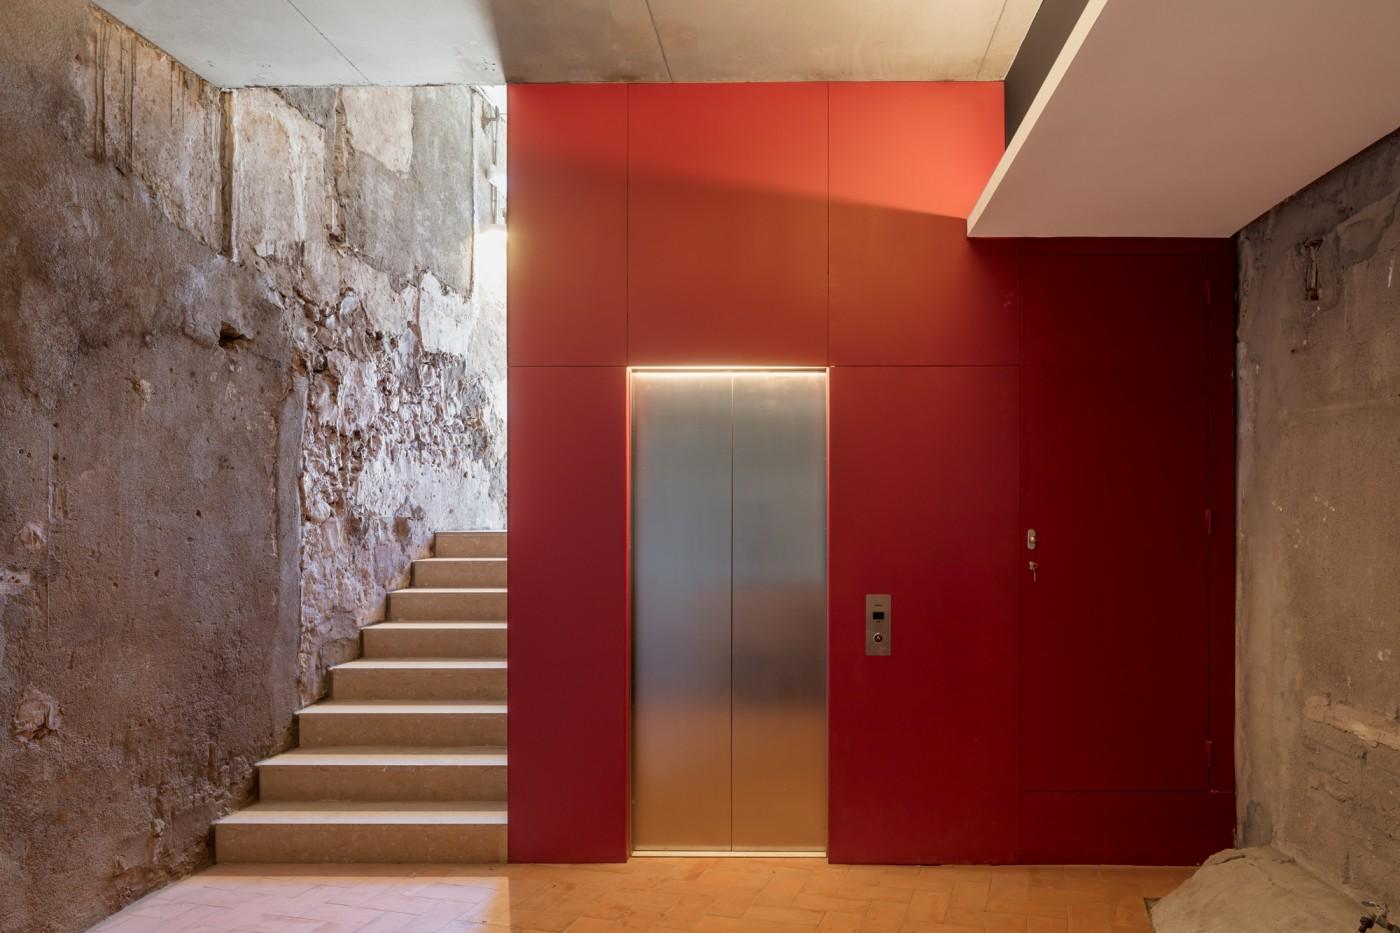 nucli ascensor i escales adaptades